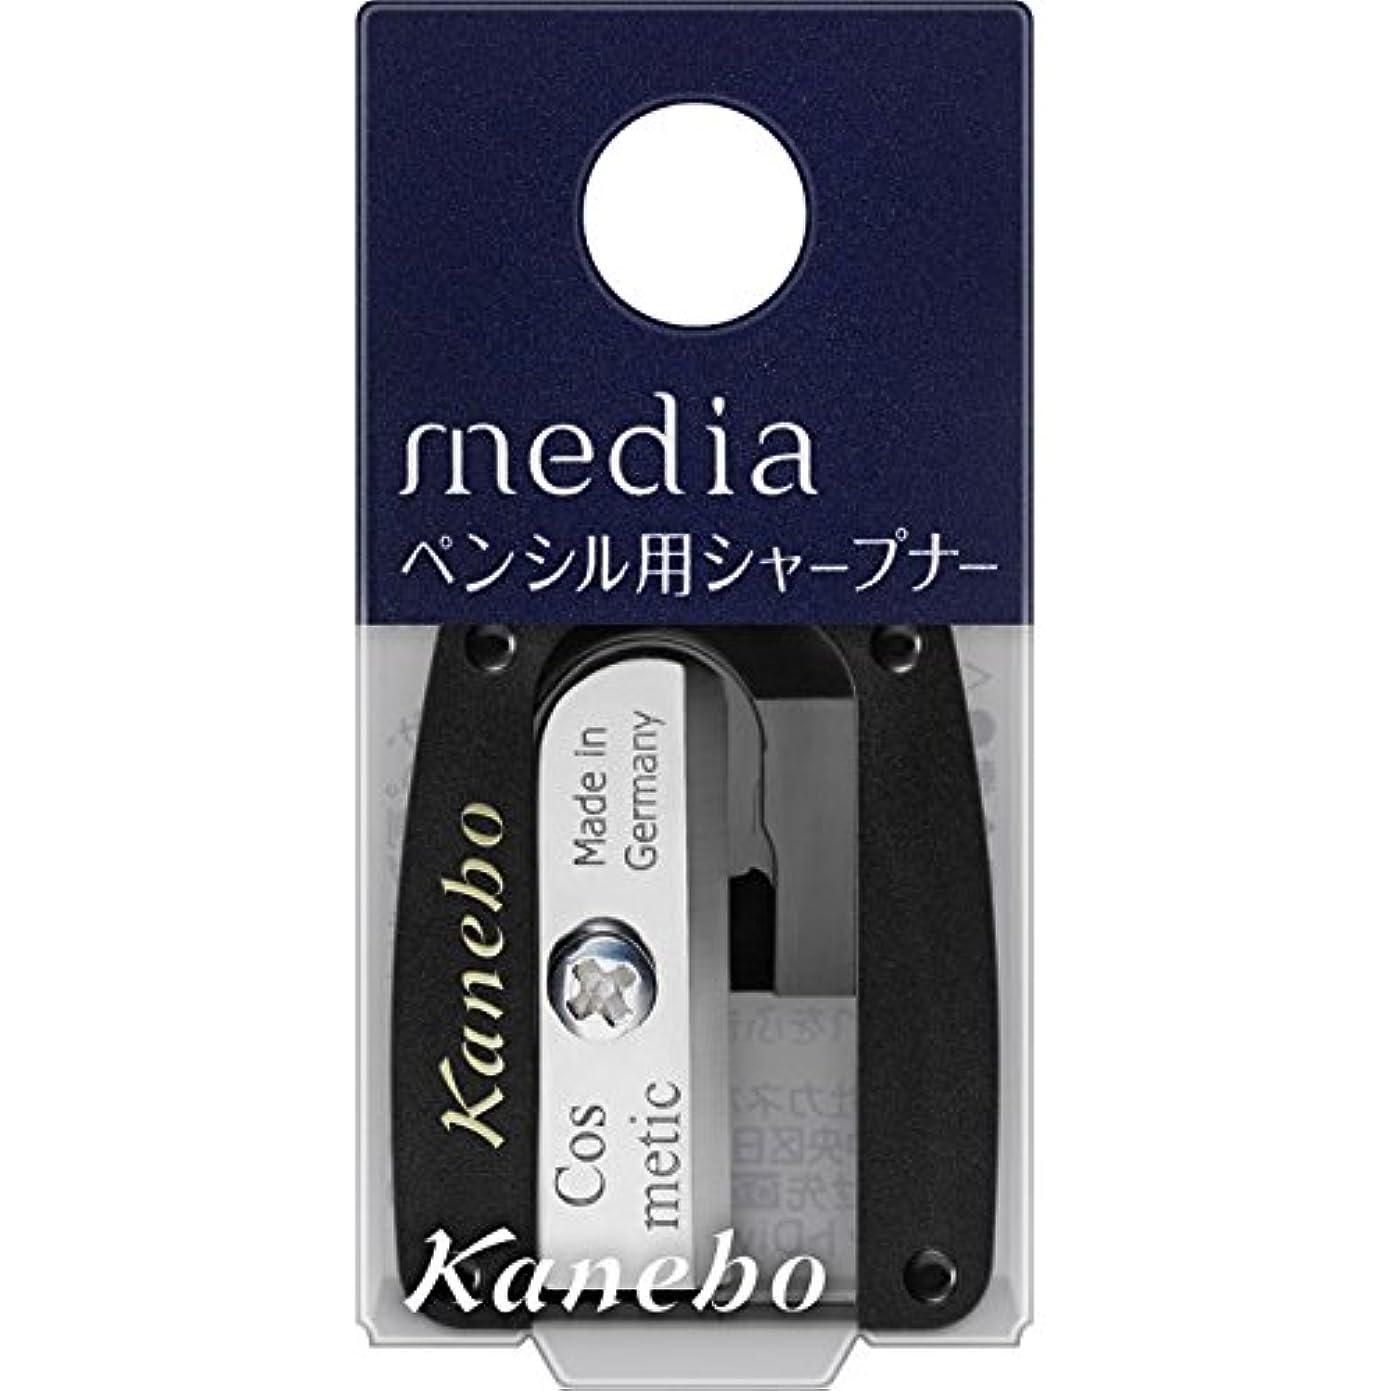 言及するシーサイド法廷【カネボウ】 メディア ペンシル用シャープナー